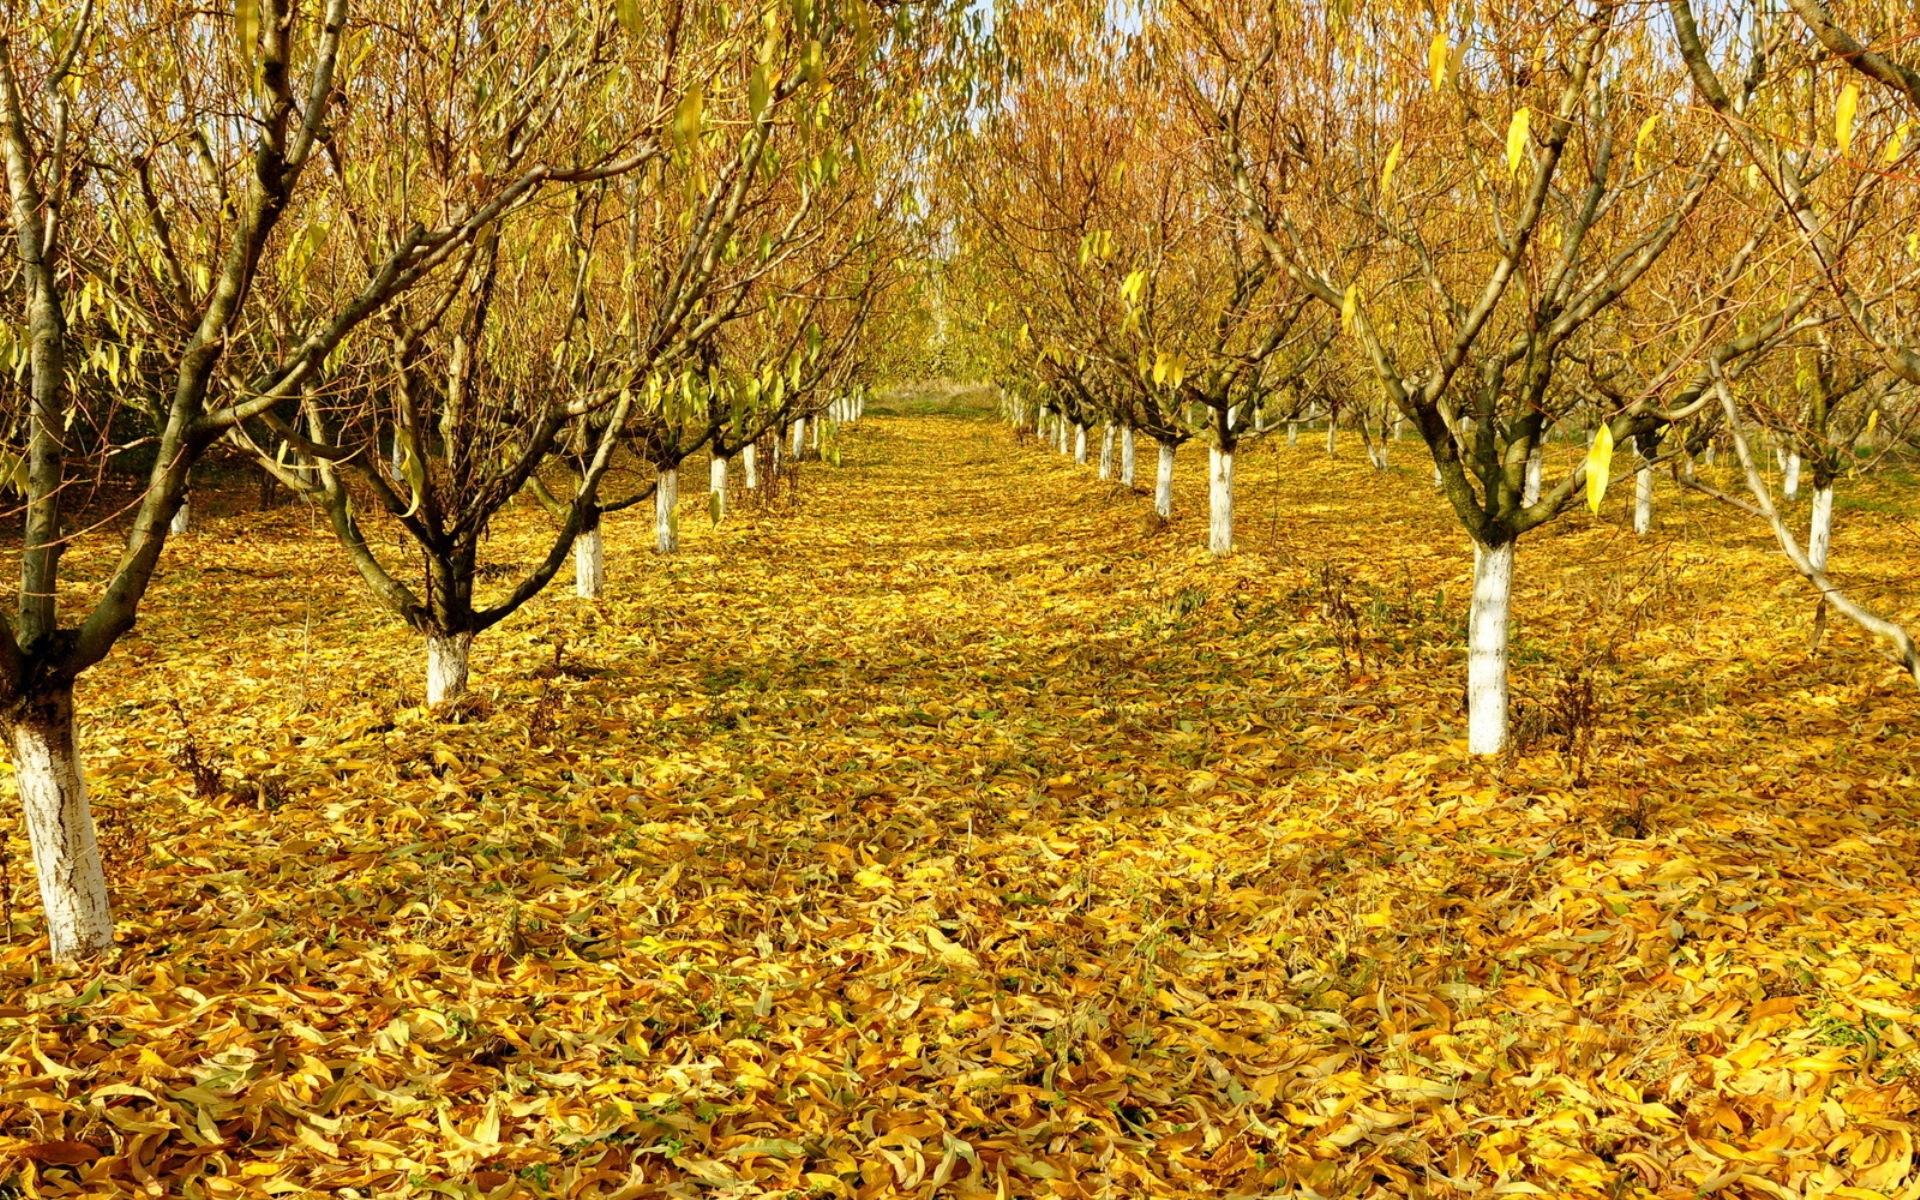 Картинка Осень в саду » Осень » Природа » Картинки 24 ...